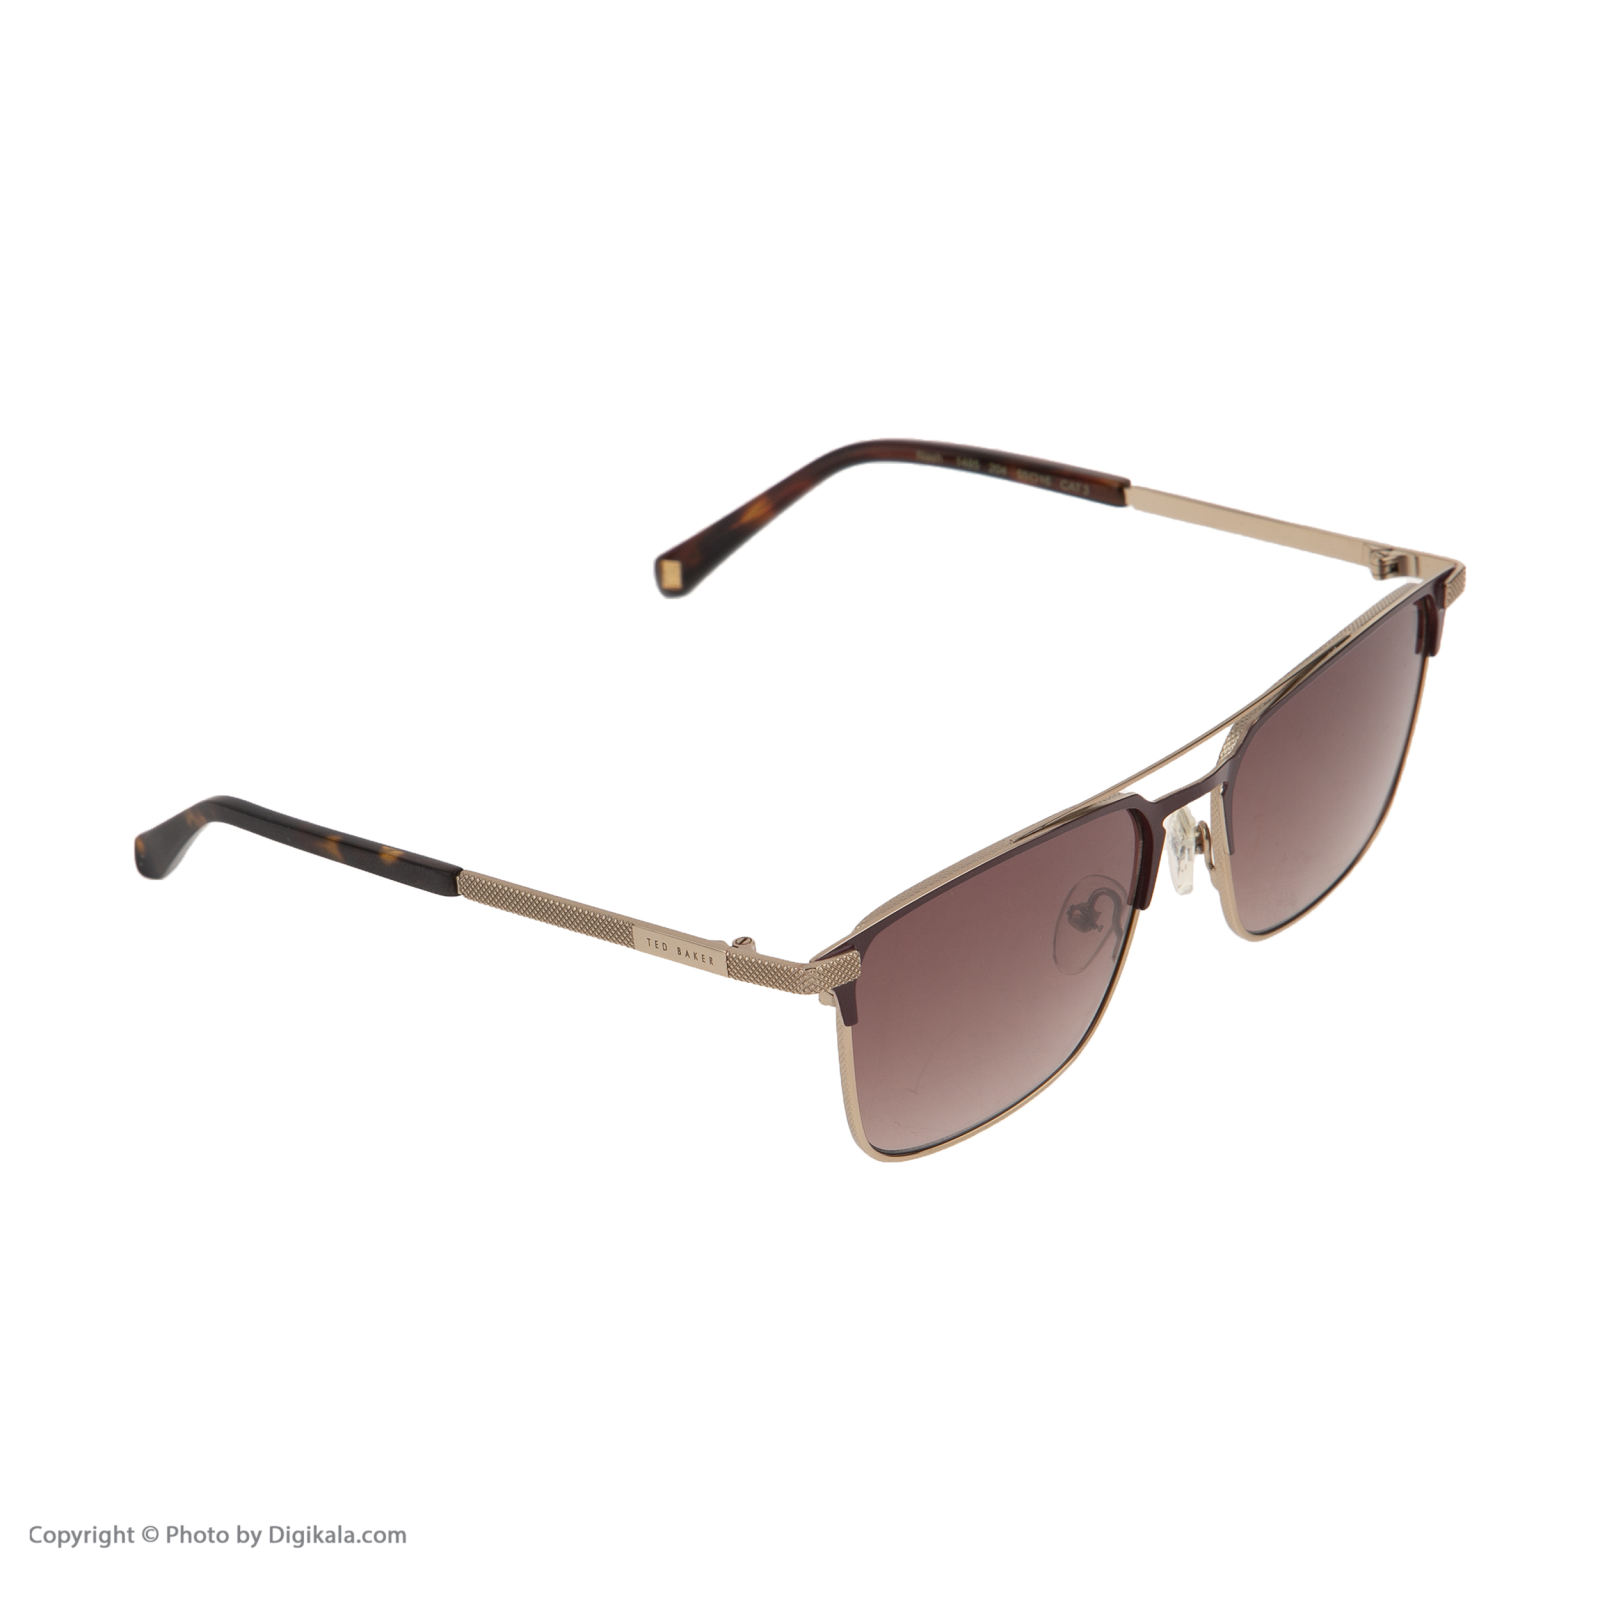 عینک آفتابی زنانه تد بیکر مدل TB 1485 204 -  - 3